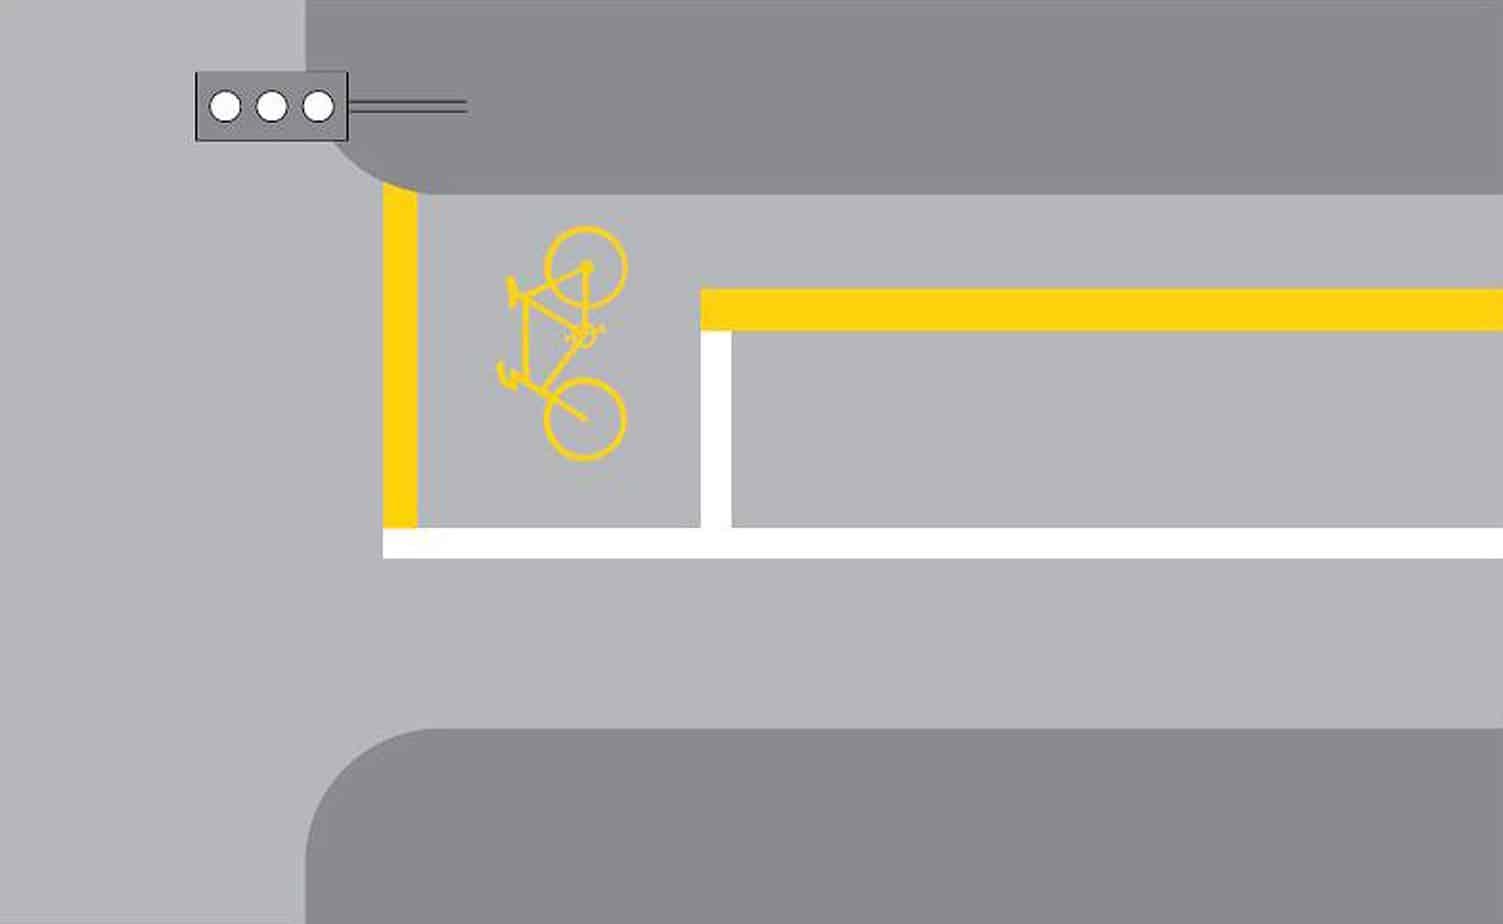 Le corsie ciclabili allargate contemplate nell'art. 74a c.3 permettono a semaforo rosso ai ciclisti di affiancarsi ad altri ciclisti in deroga agli artt. 42 c.3 e 43 c.1 ONC, per poi attraversare l'intersezione a semaforo verde